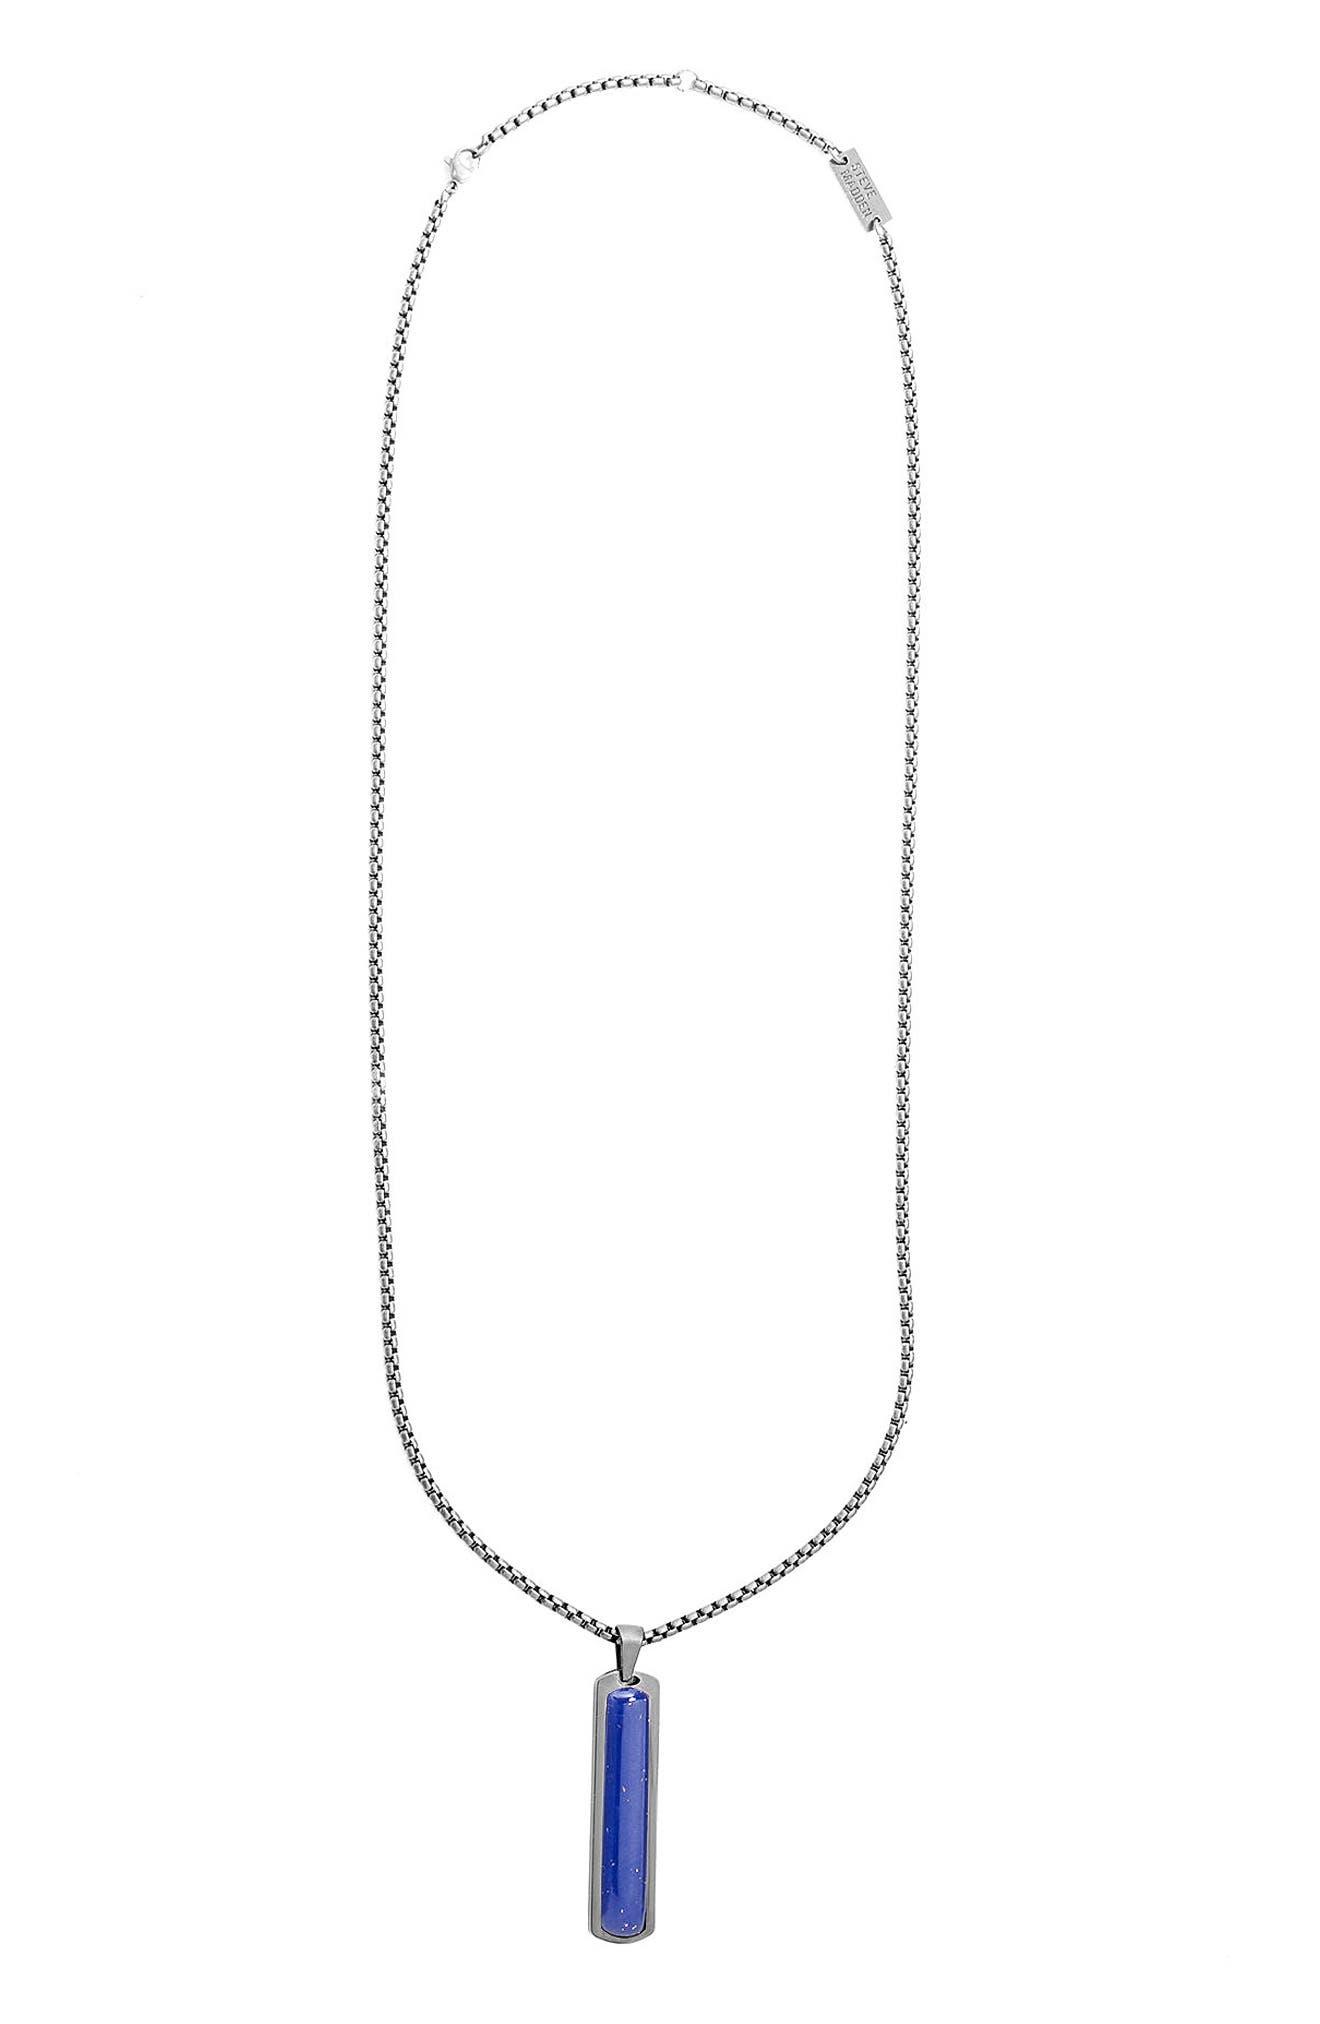 Oxidized Lapis Lazuli Pendant Necklace,                             Main thumbnail 1, color,                             402